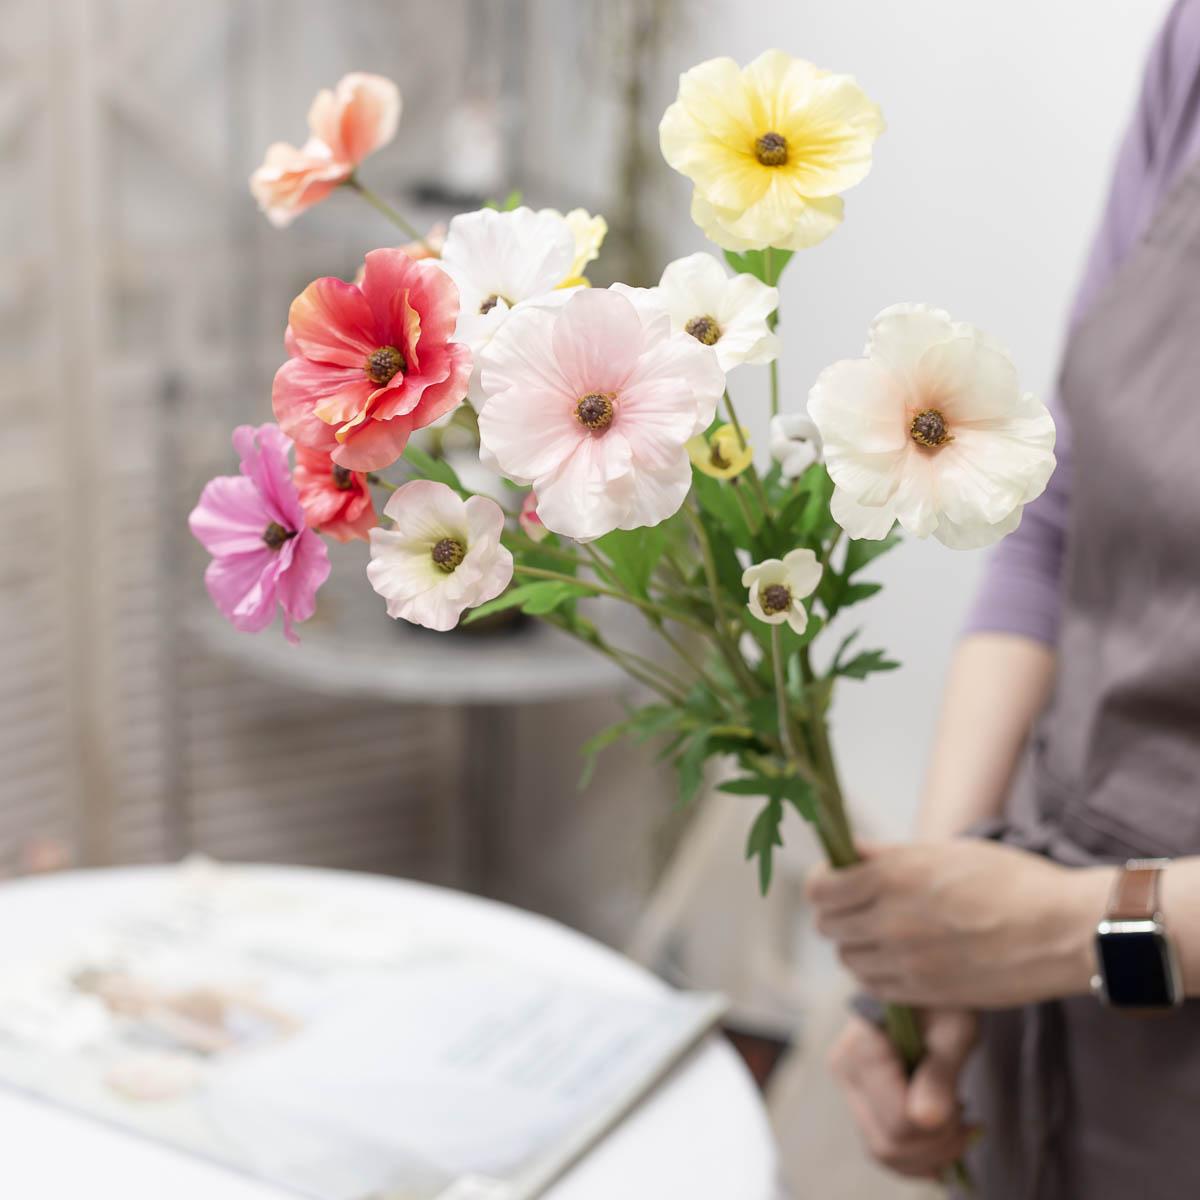 버터플라이 라넌큘러스 꽃 가지 60cm 손에든 사진